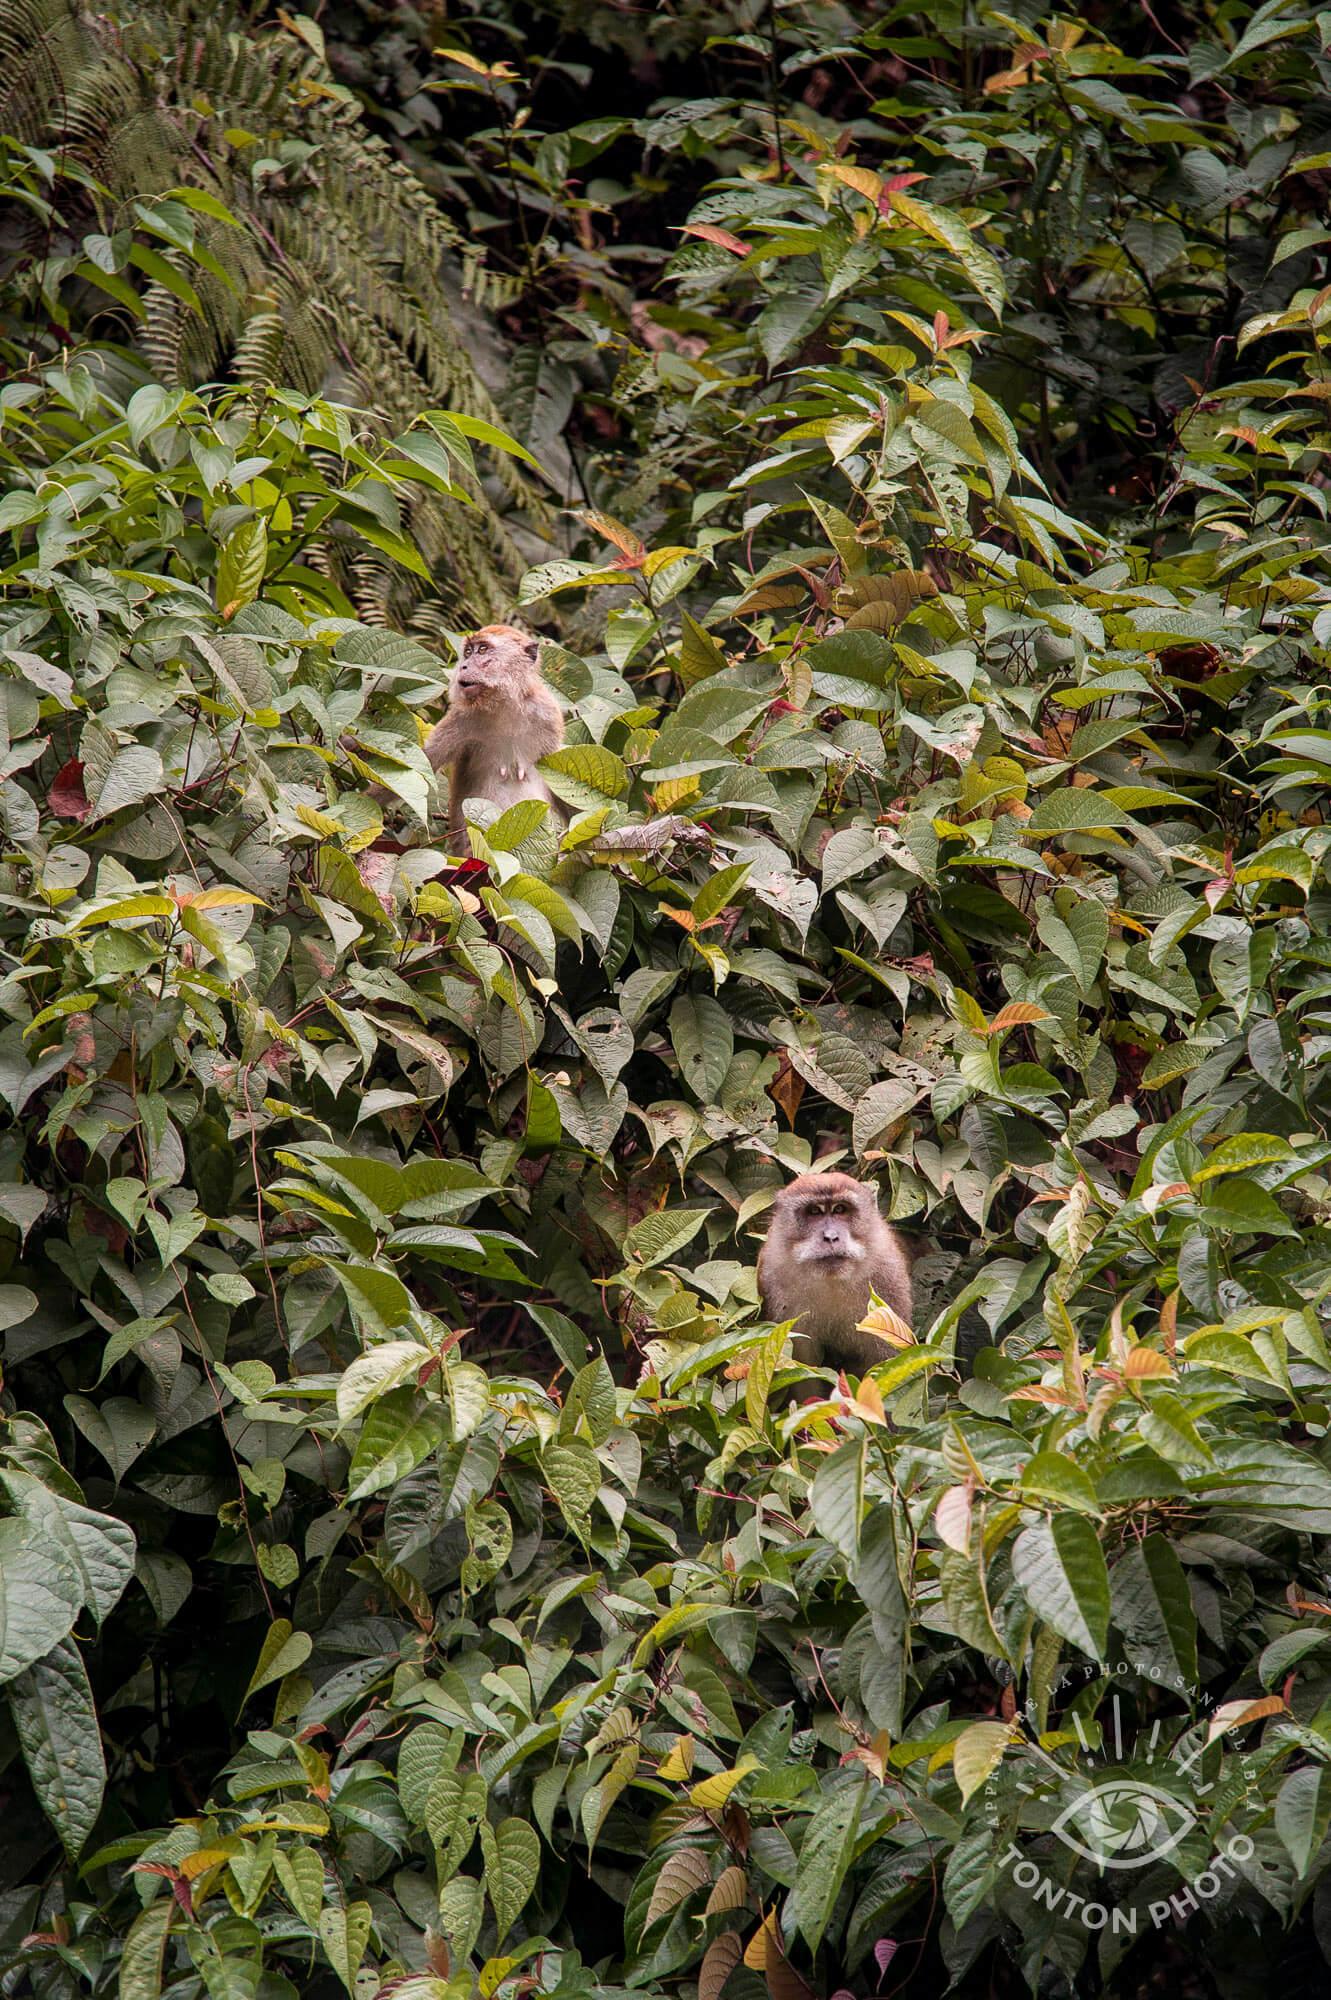 Macaques crabiers curieux venant observer notre campement dans la jungle au petit matin. Parc National du Gunung Leuser, Sumatra, Indonésie © Clément Racineux / Tonton Photo